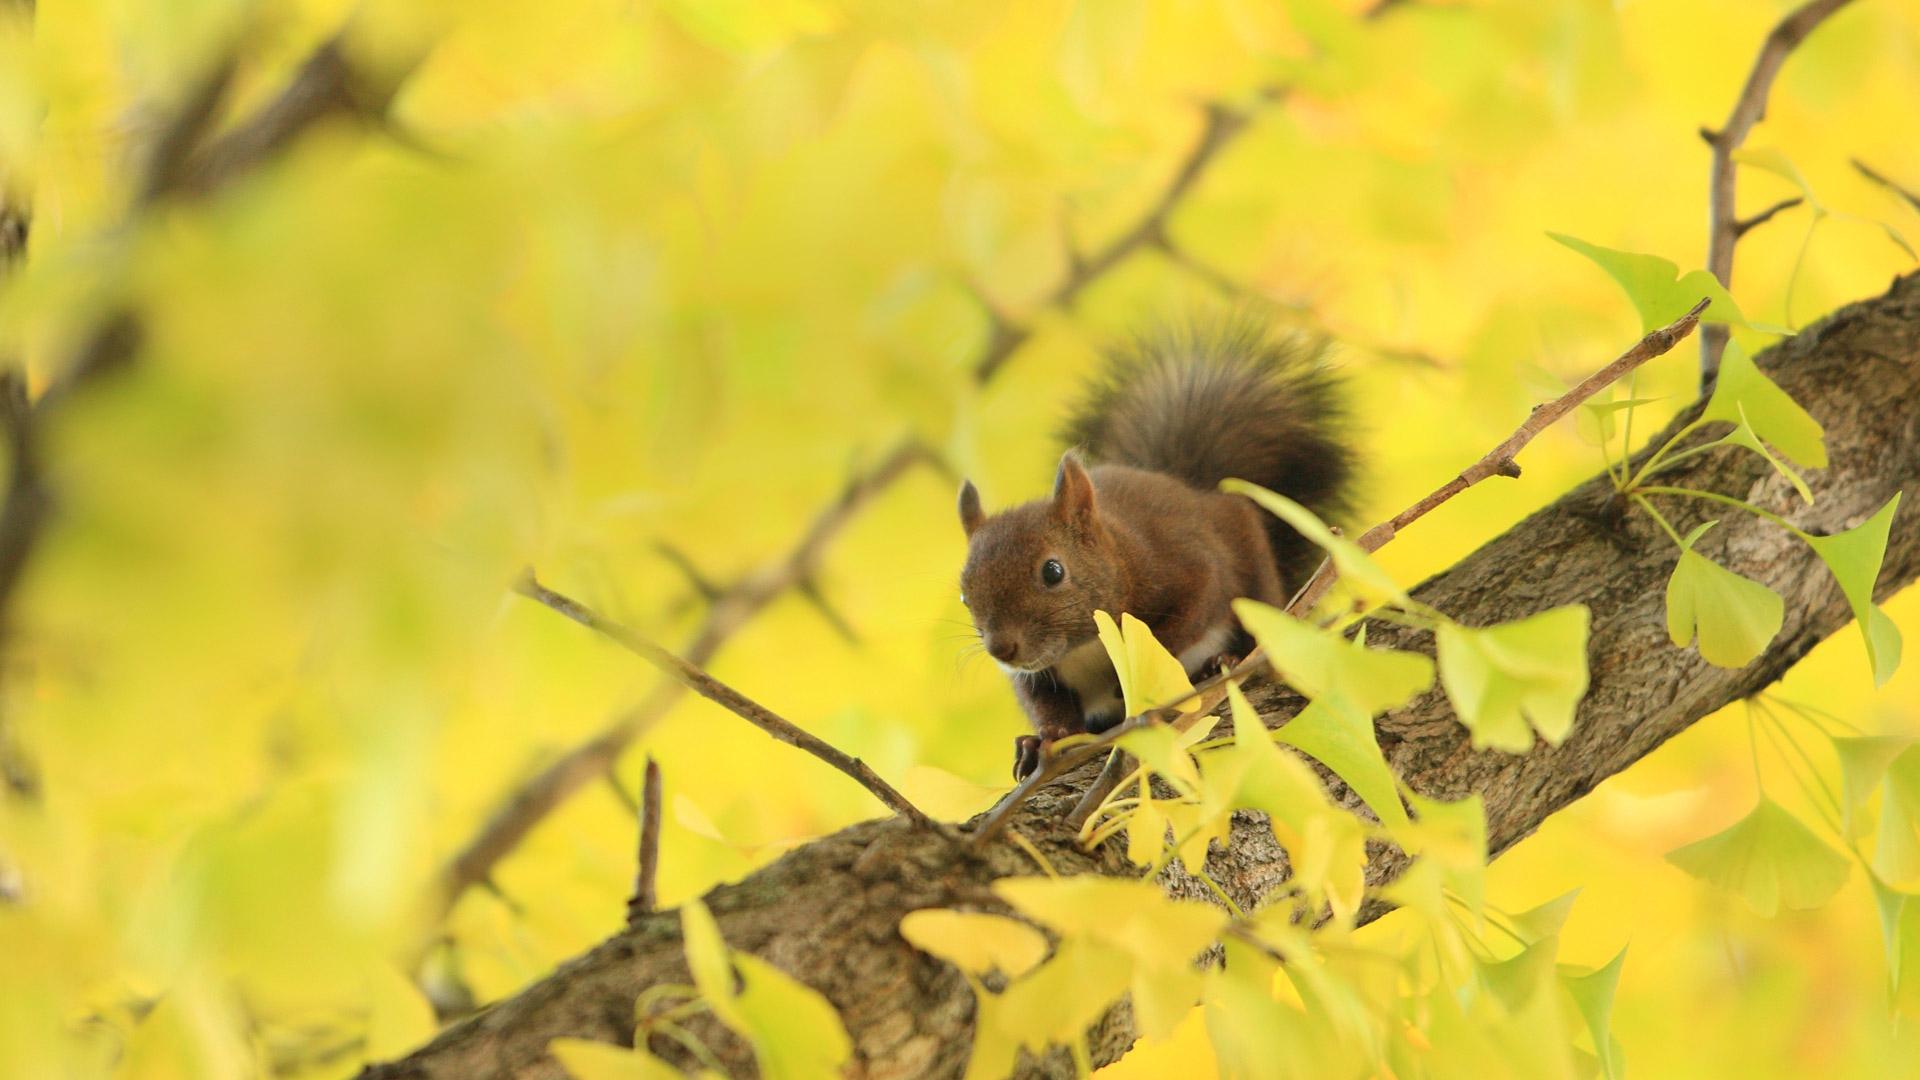 树上的松鼠图片素材